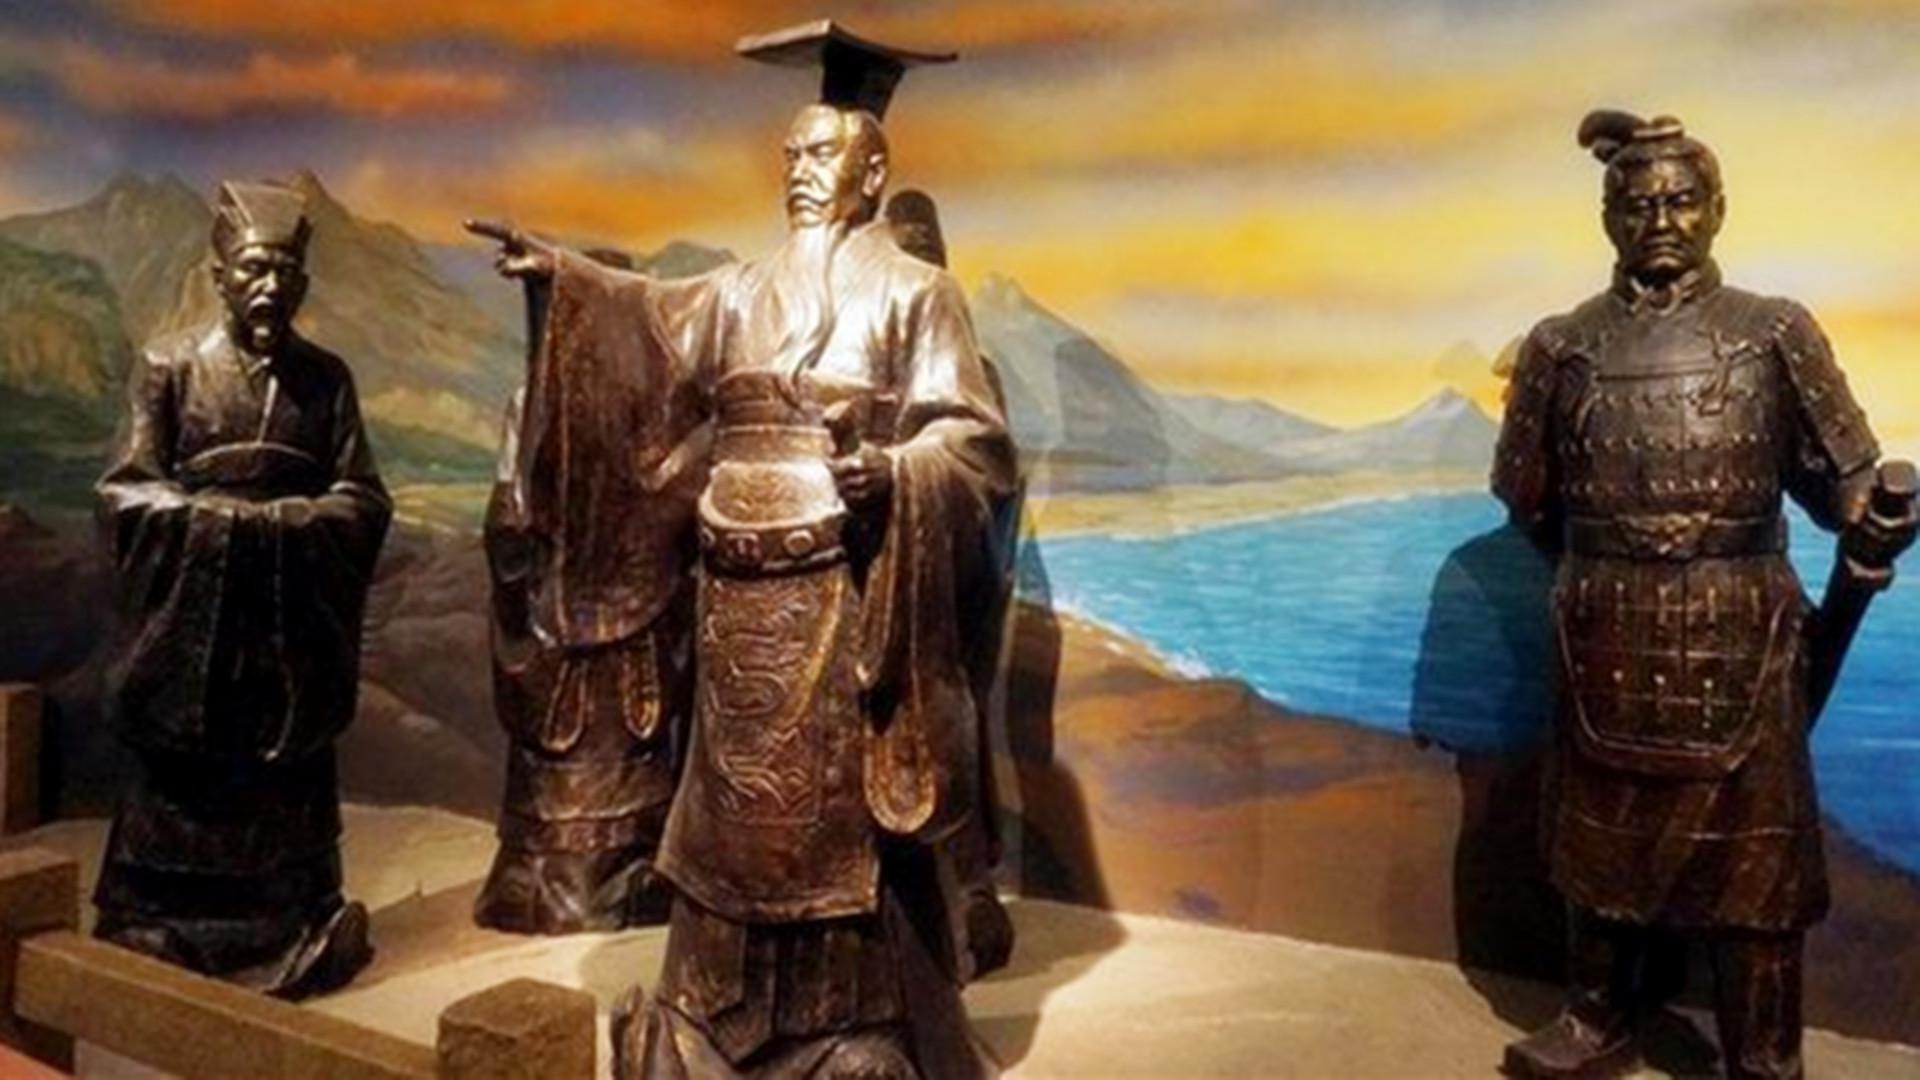 虽然秦朝没存在多久,但它建立了君主专制的框架,对后世影响深远